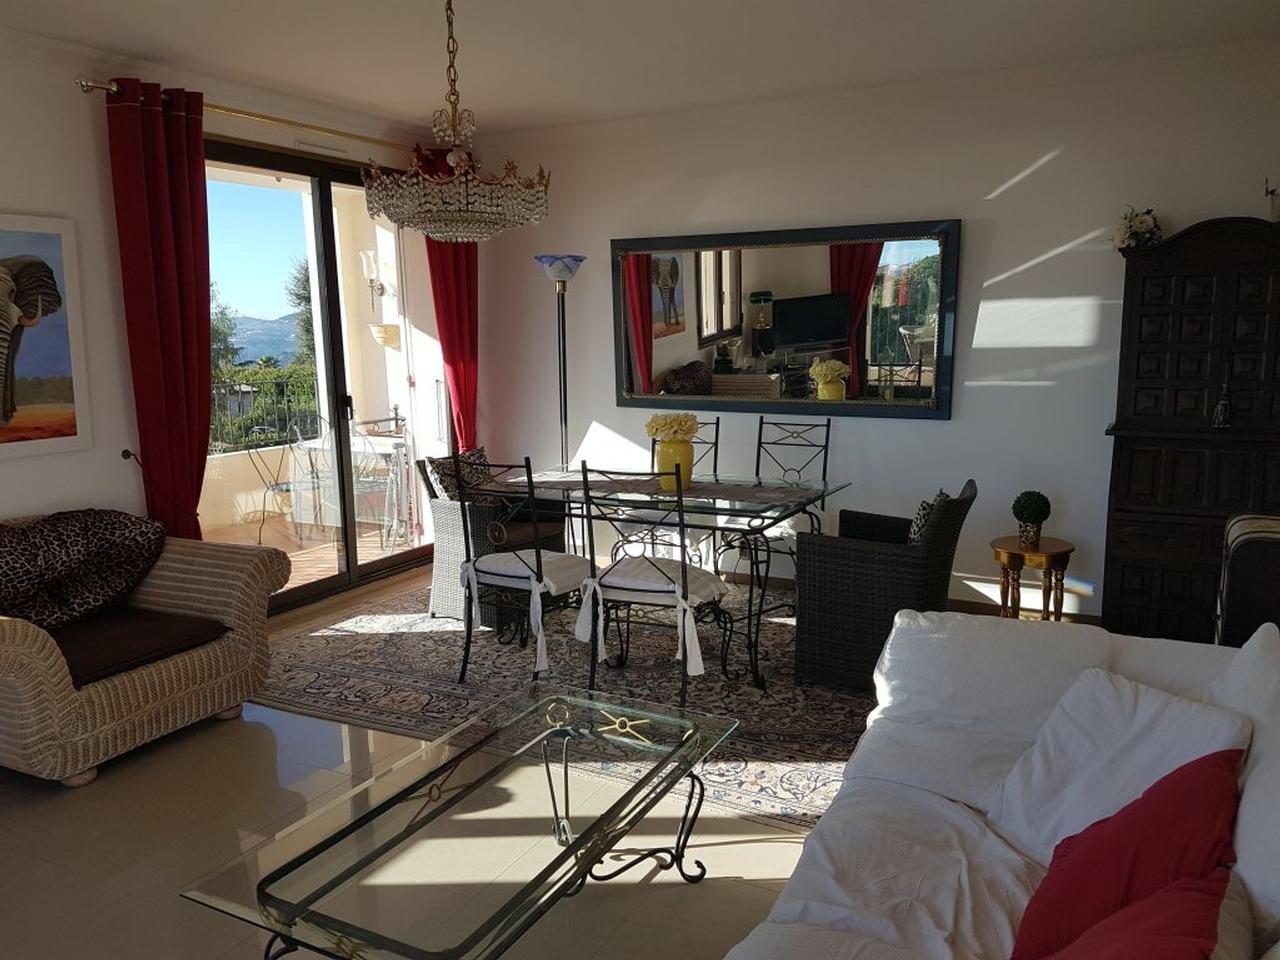 Lägenhet med clubaccess i Villeneuve-Loubet - Tenns & pool